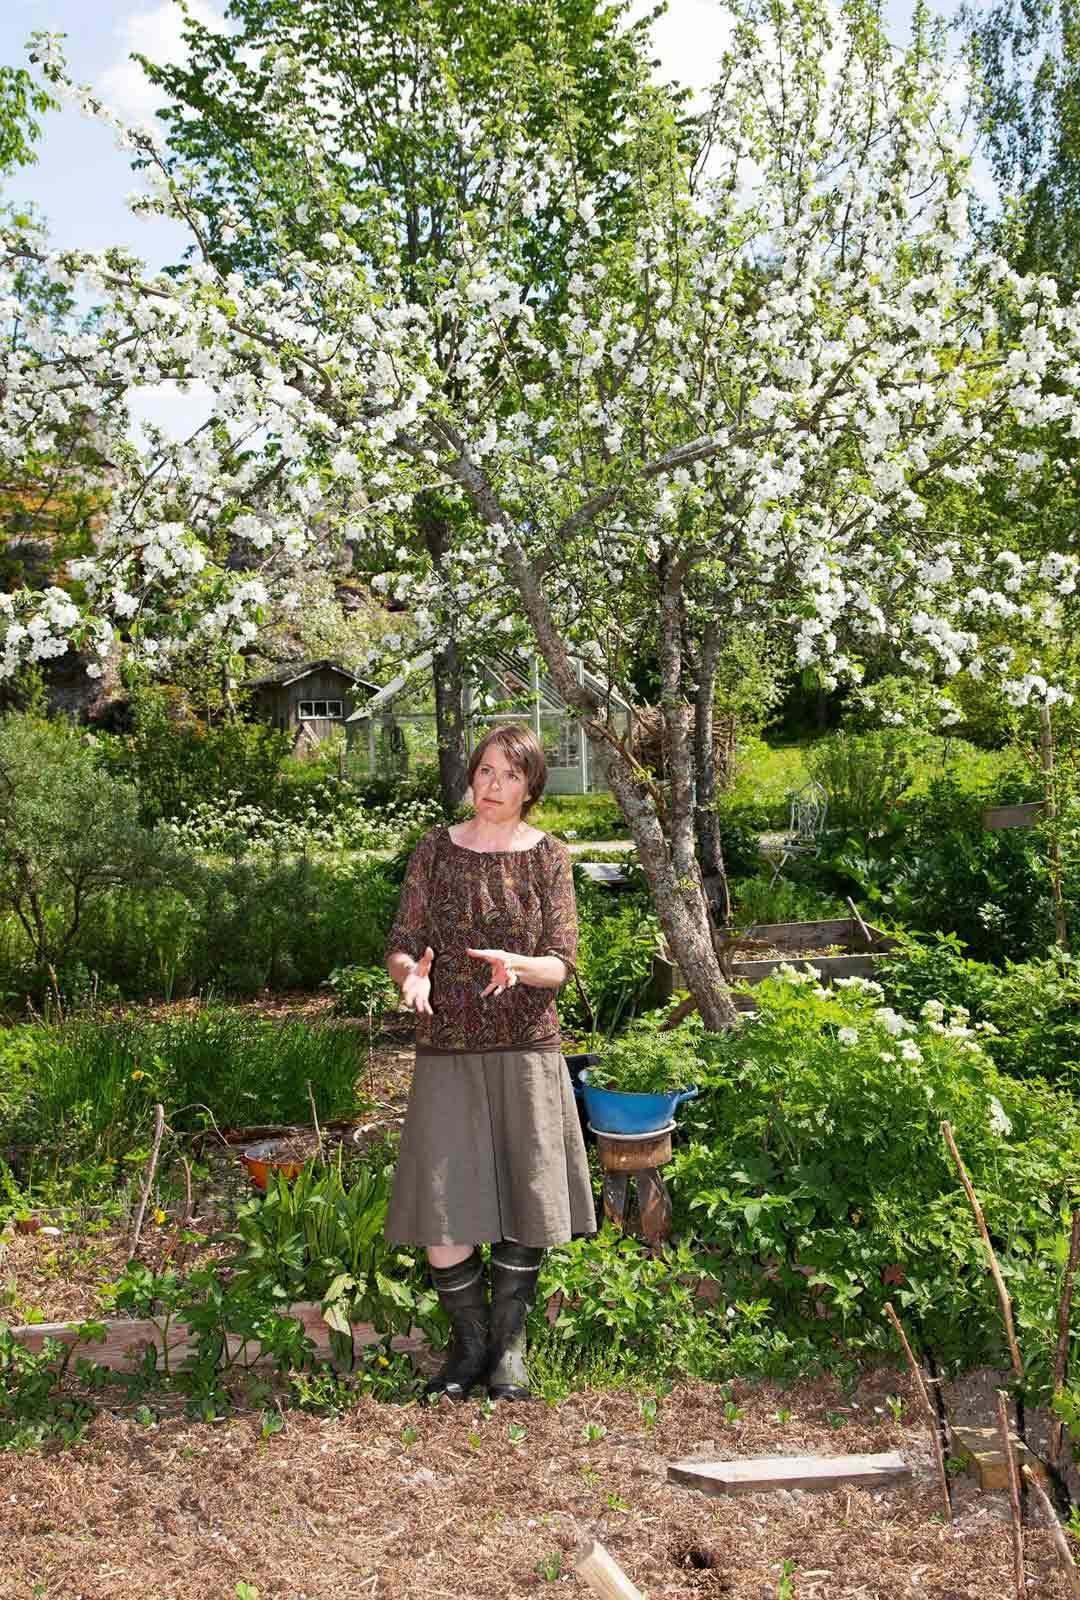 Reetta Niemelä on julkaissut useita luontoa käsitteleviä tietokirjoja ja lastenkirjoja sekä lisäksi runoteoksia.